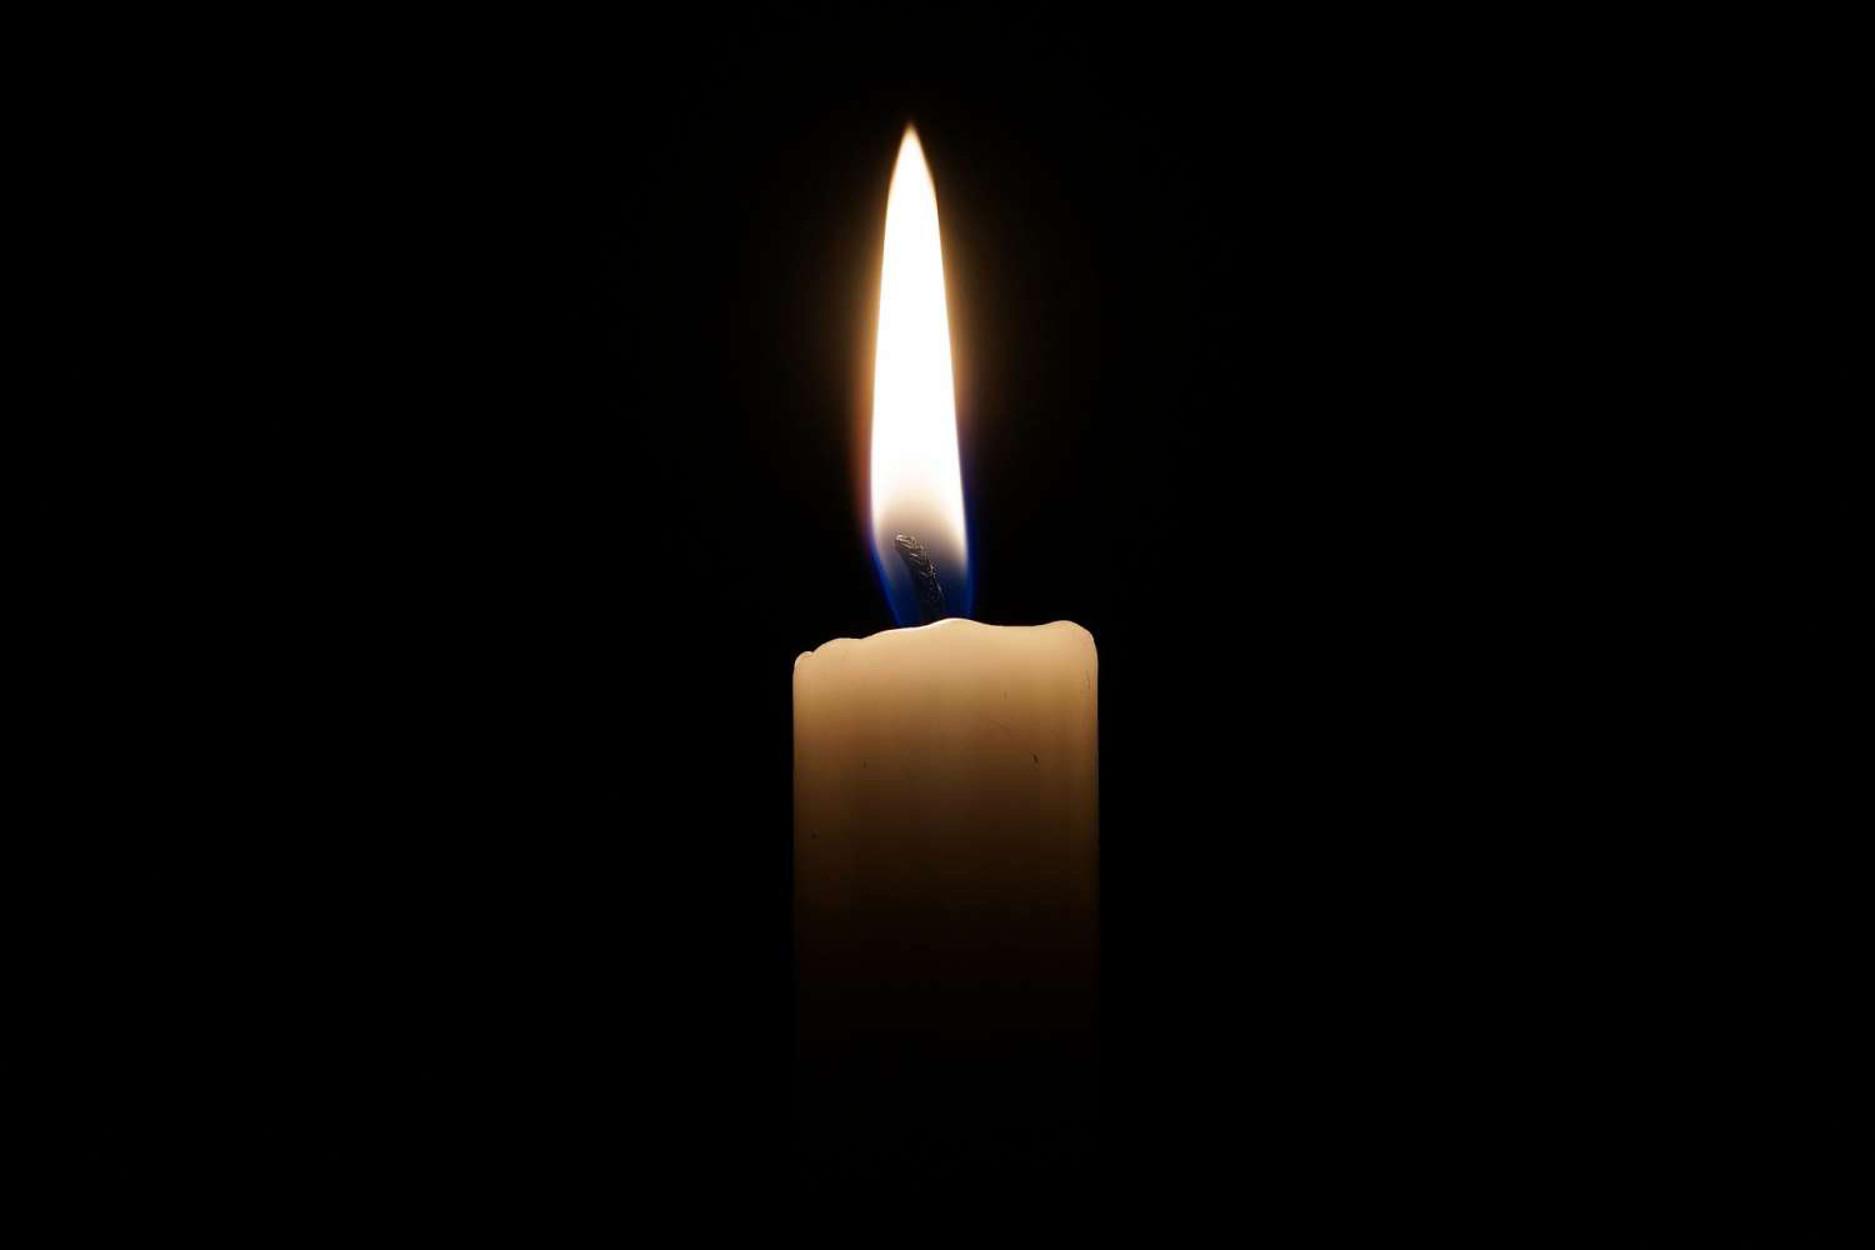 Θρήνος στην Ηλεία! Πέθανε ο Δημήτρης Χατζηγιάννης